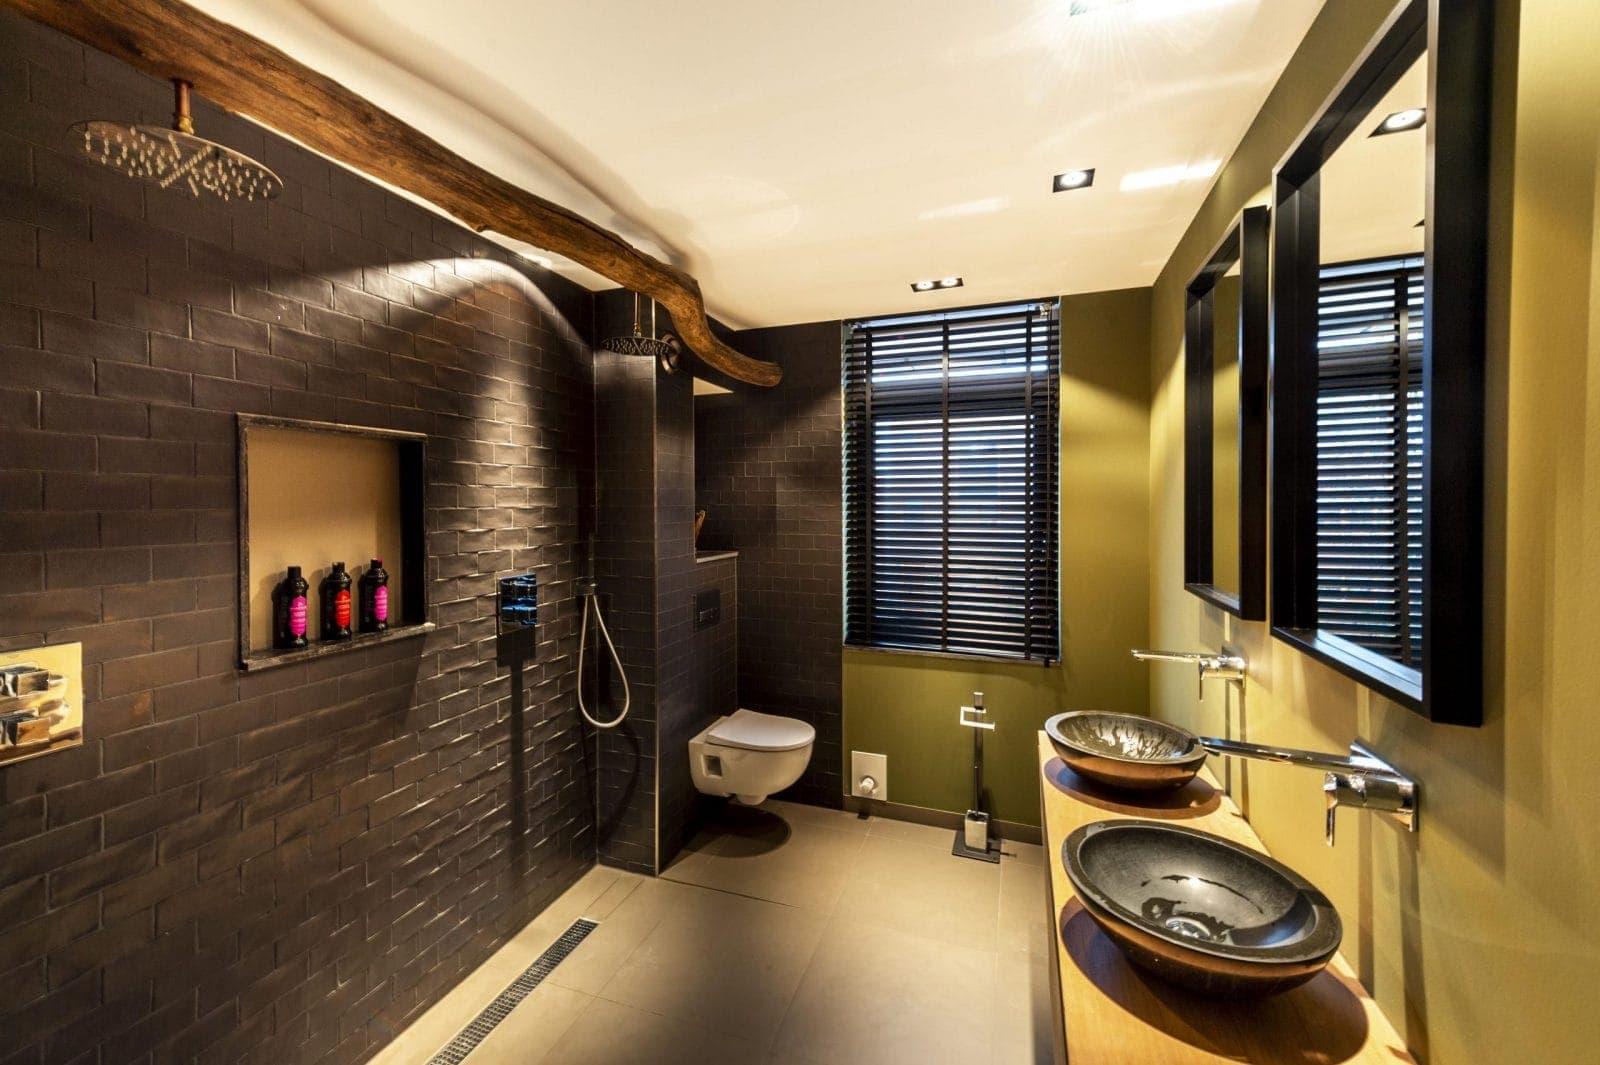 Badkamer op maat laten maken in Spijkenisse